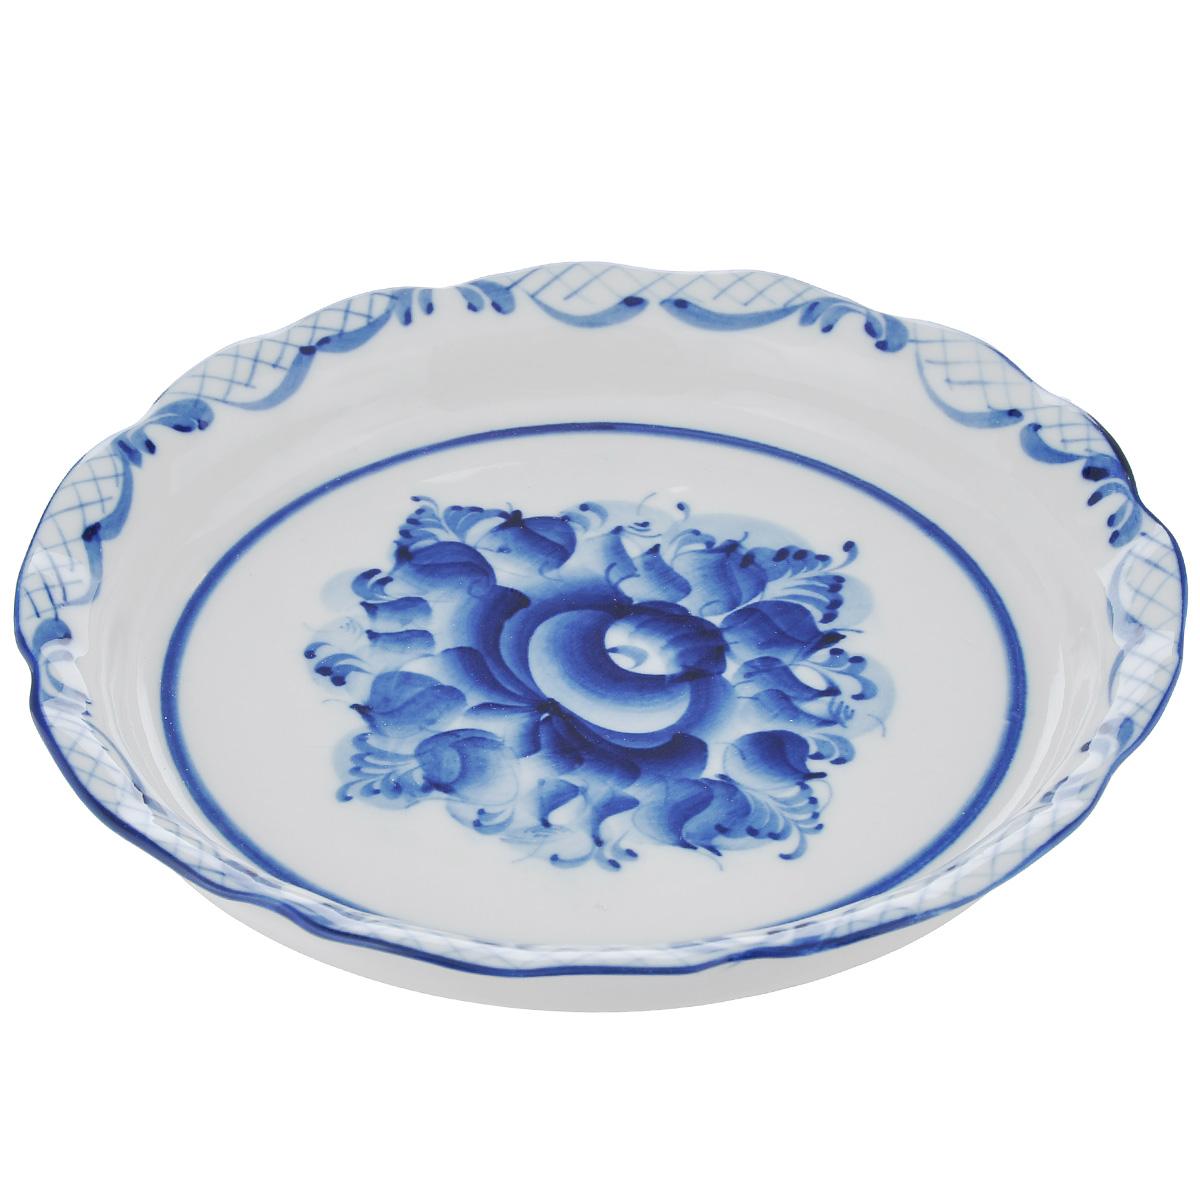 Сухарница Идиллия, цвет: белый, синий, 19 см х 19 см х 3 смVT-1520(SR)Сухарница Идиллия выполнена из высококачественной керамики и украшена легкой росписью кобальтом, которая сочетает простые линии и орнаменты с красивыми цветочными узорами. Сухарница  Идиллия  доставит истинное удовольствие ценителям прекрасного. Яркий дизайн, несомненно, придется вам по вкусу. Гжель - один из традиционных российских центров производства керамики и известный народный художественный промысел России. Производят изделия в Московской области, в обширном районе из 27 деревень, называемых Гжельский куст. Профессиональные мастера сохраняют традиции росписи и создают истинные шедевры. Ей характерна изящная роспись в синих тонах на белом фоне. Традиционными считаются изображения птиц, цветов и узоров. Уважаемые клиенты! Обращаем ваше внимание, что роспись на изделие сделана вручную. Рисунок может немного отличаться от изображения на фотографии.